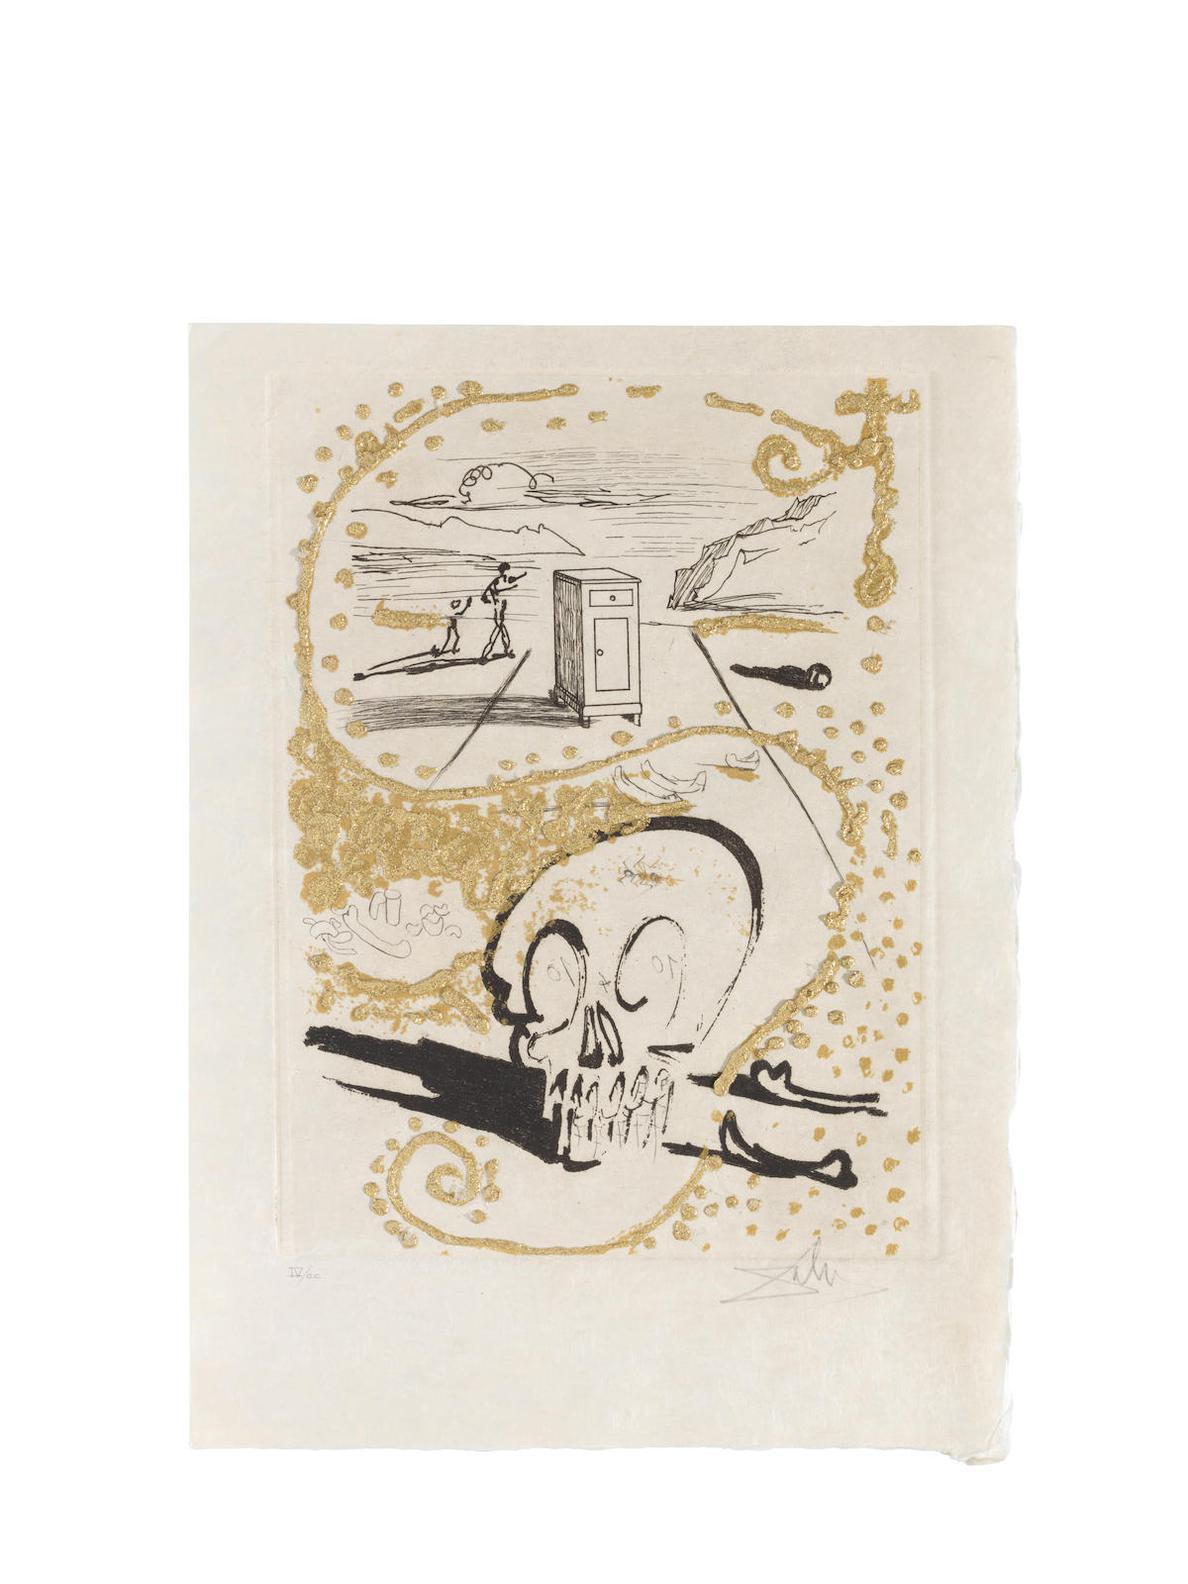 Salvador Dali-Les Amours Jaunes, Editions Pierre Belfond, Paris, 1974 (Michel Et Lopsinger 693-702; Field 74-15)-1974